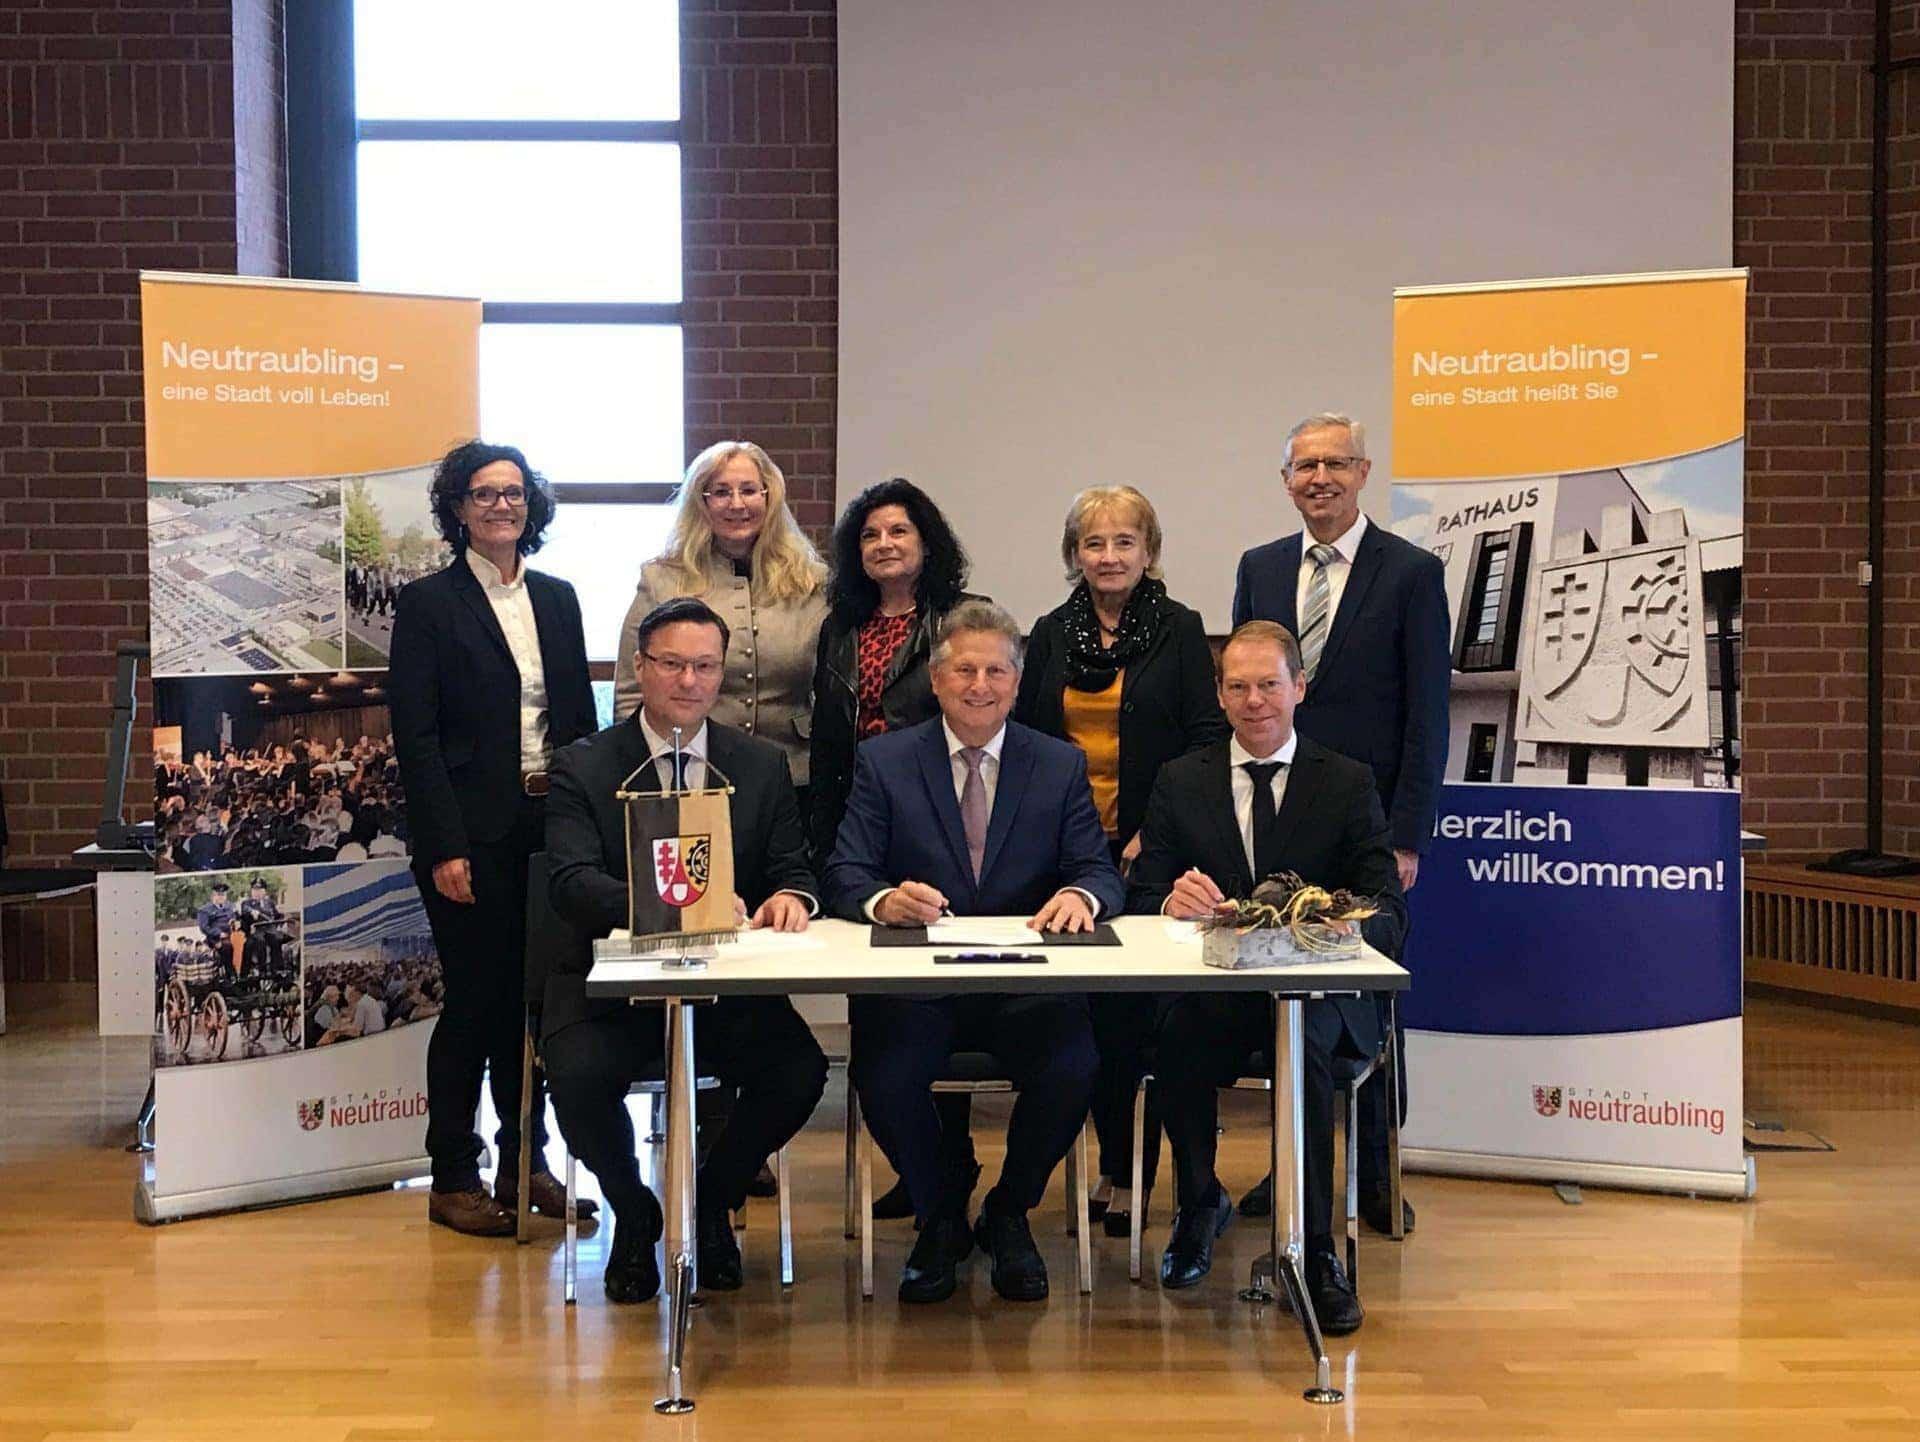 Stadt Neutraubling schließt Fernwärmegestattungsvertrag mit der Rewag ab Partnerschaft ausgebaut